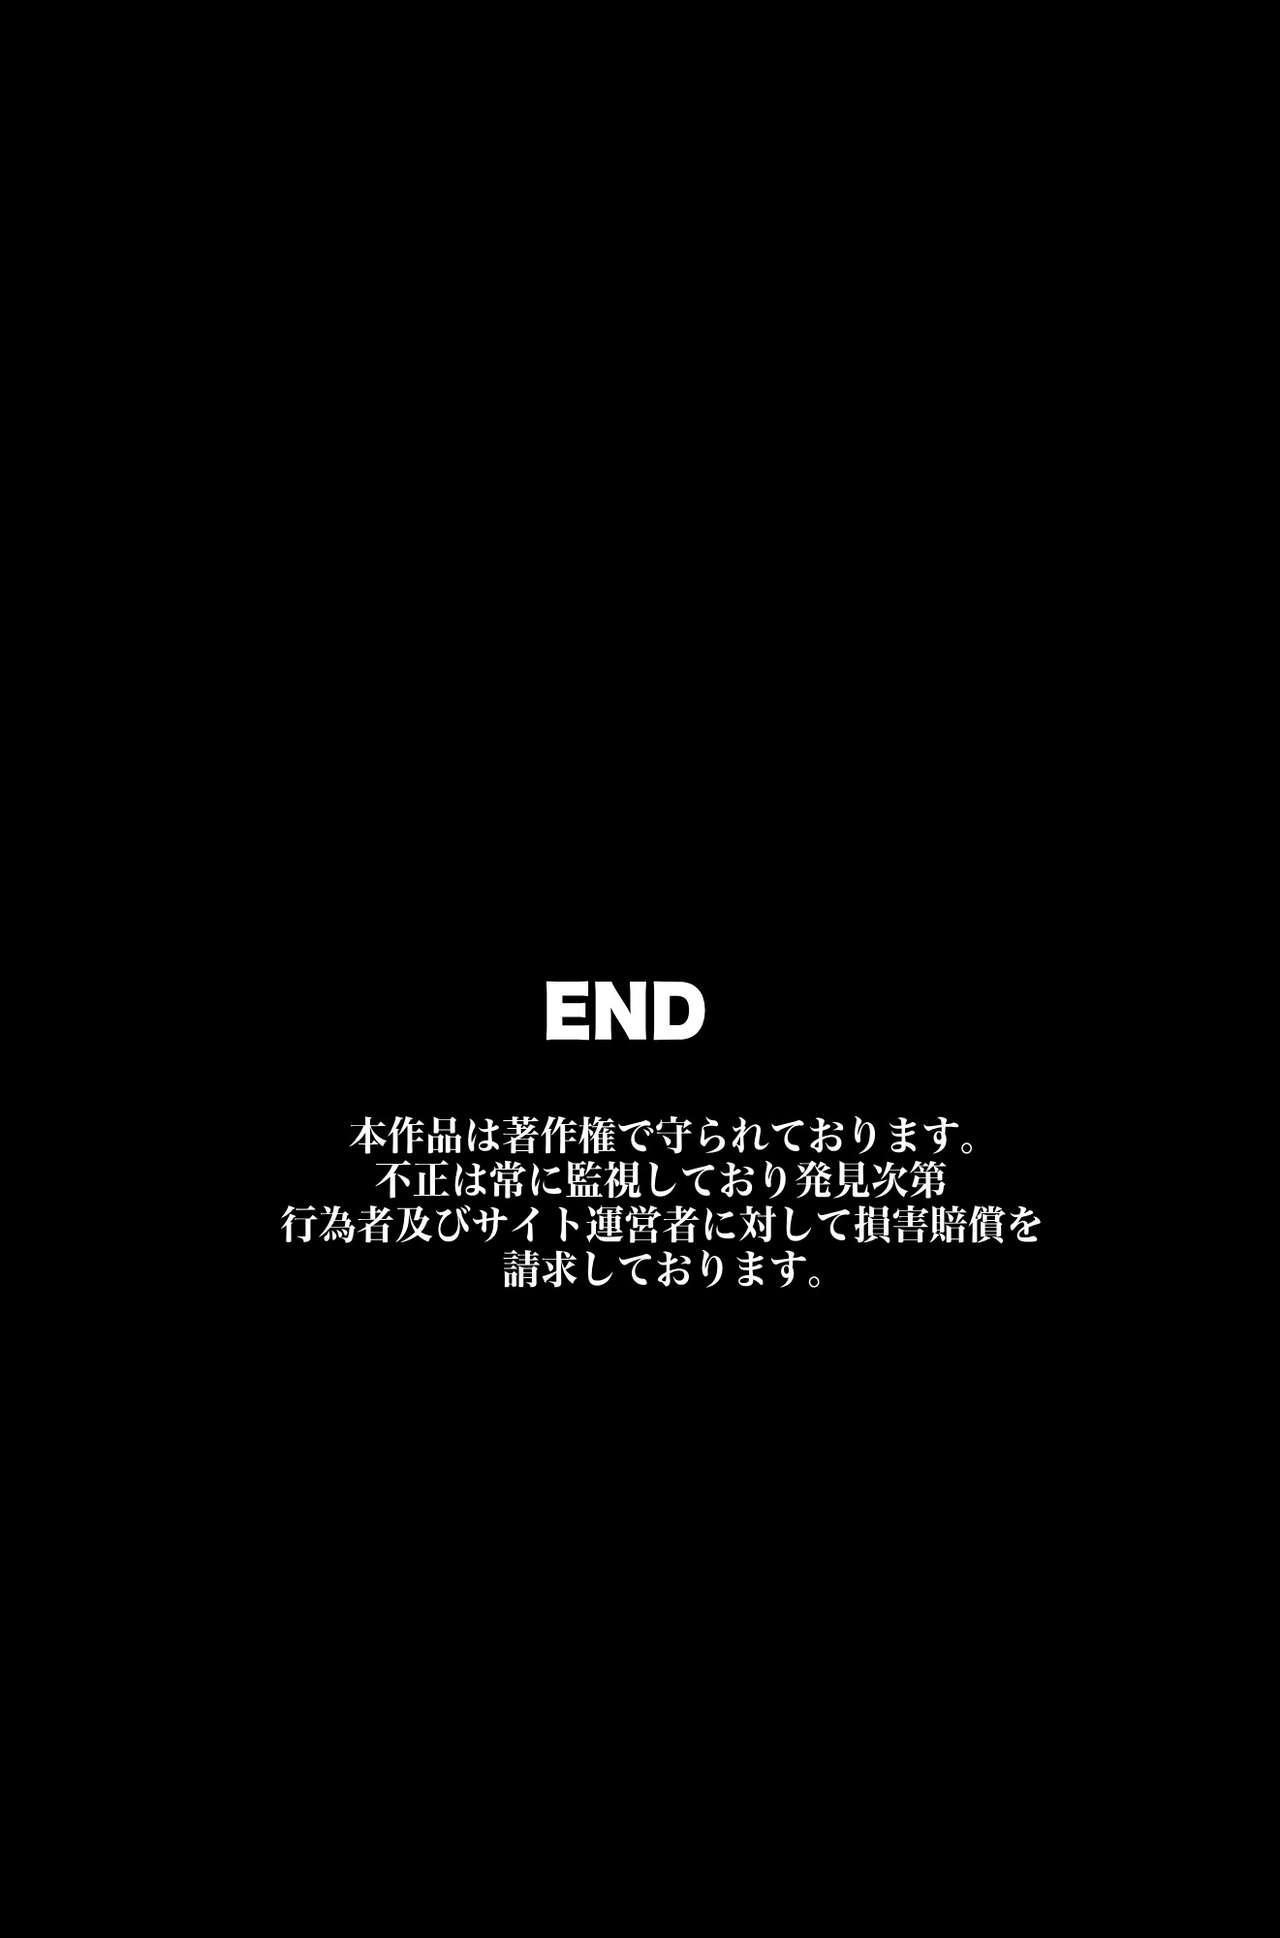 [rbooks (kumikouj)] Joshiryou no Onna-tachi ga Zombie-ka shita no de Hokaku shite Okashimakutte Ore dake no Juujun Pet ni Shite mita [English] [iambobokay] 127